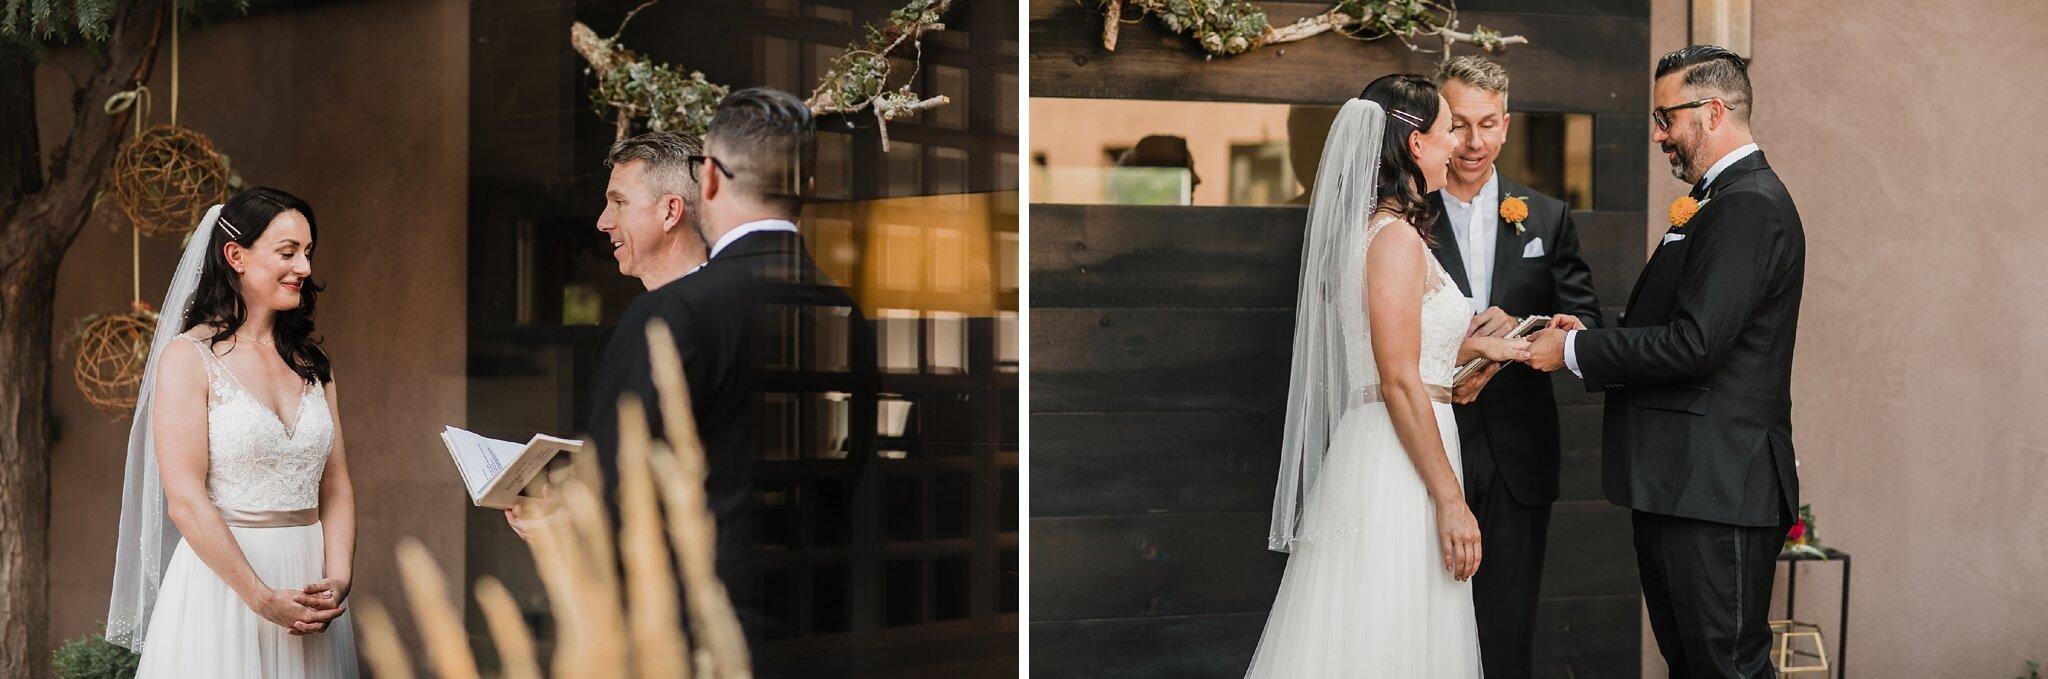 Alicia+lucia+photography+-+albuquerque+wedding+photographer+-+santa+fe+wedding+photography+-+new+mexico+wedding+photographer+-+new+mexico+wedding+-+bed+and+breakfast+wedding+-+sarabande+wedding+-+sarabande+bed+and+breakfast+wedding_0063.jpg